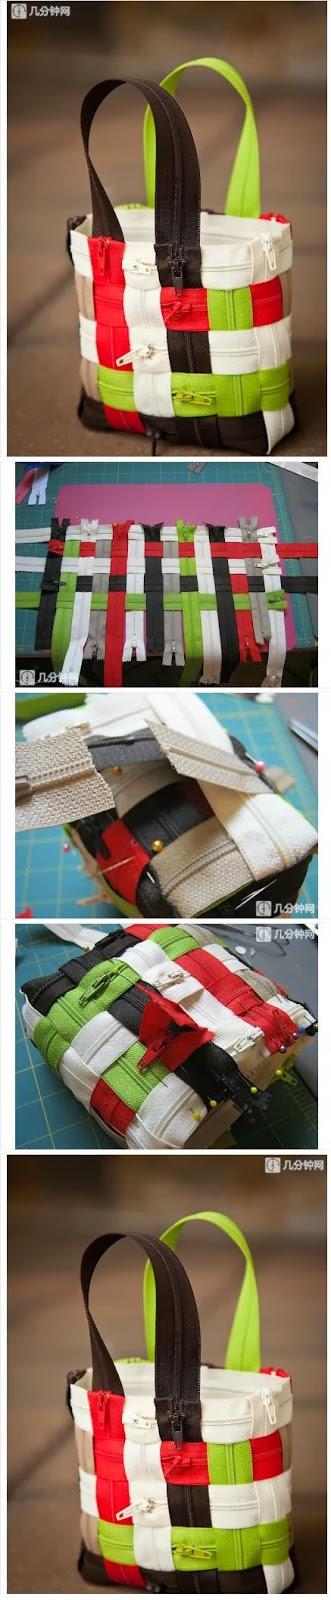 Сумка из застежки молнии.  Bag from zippers